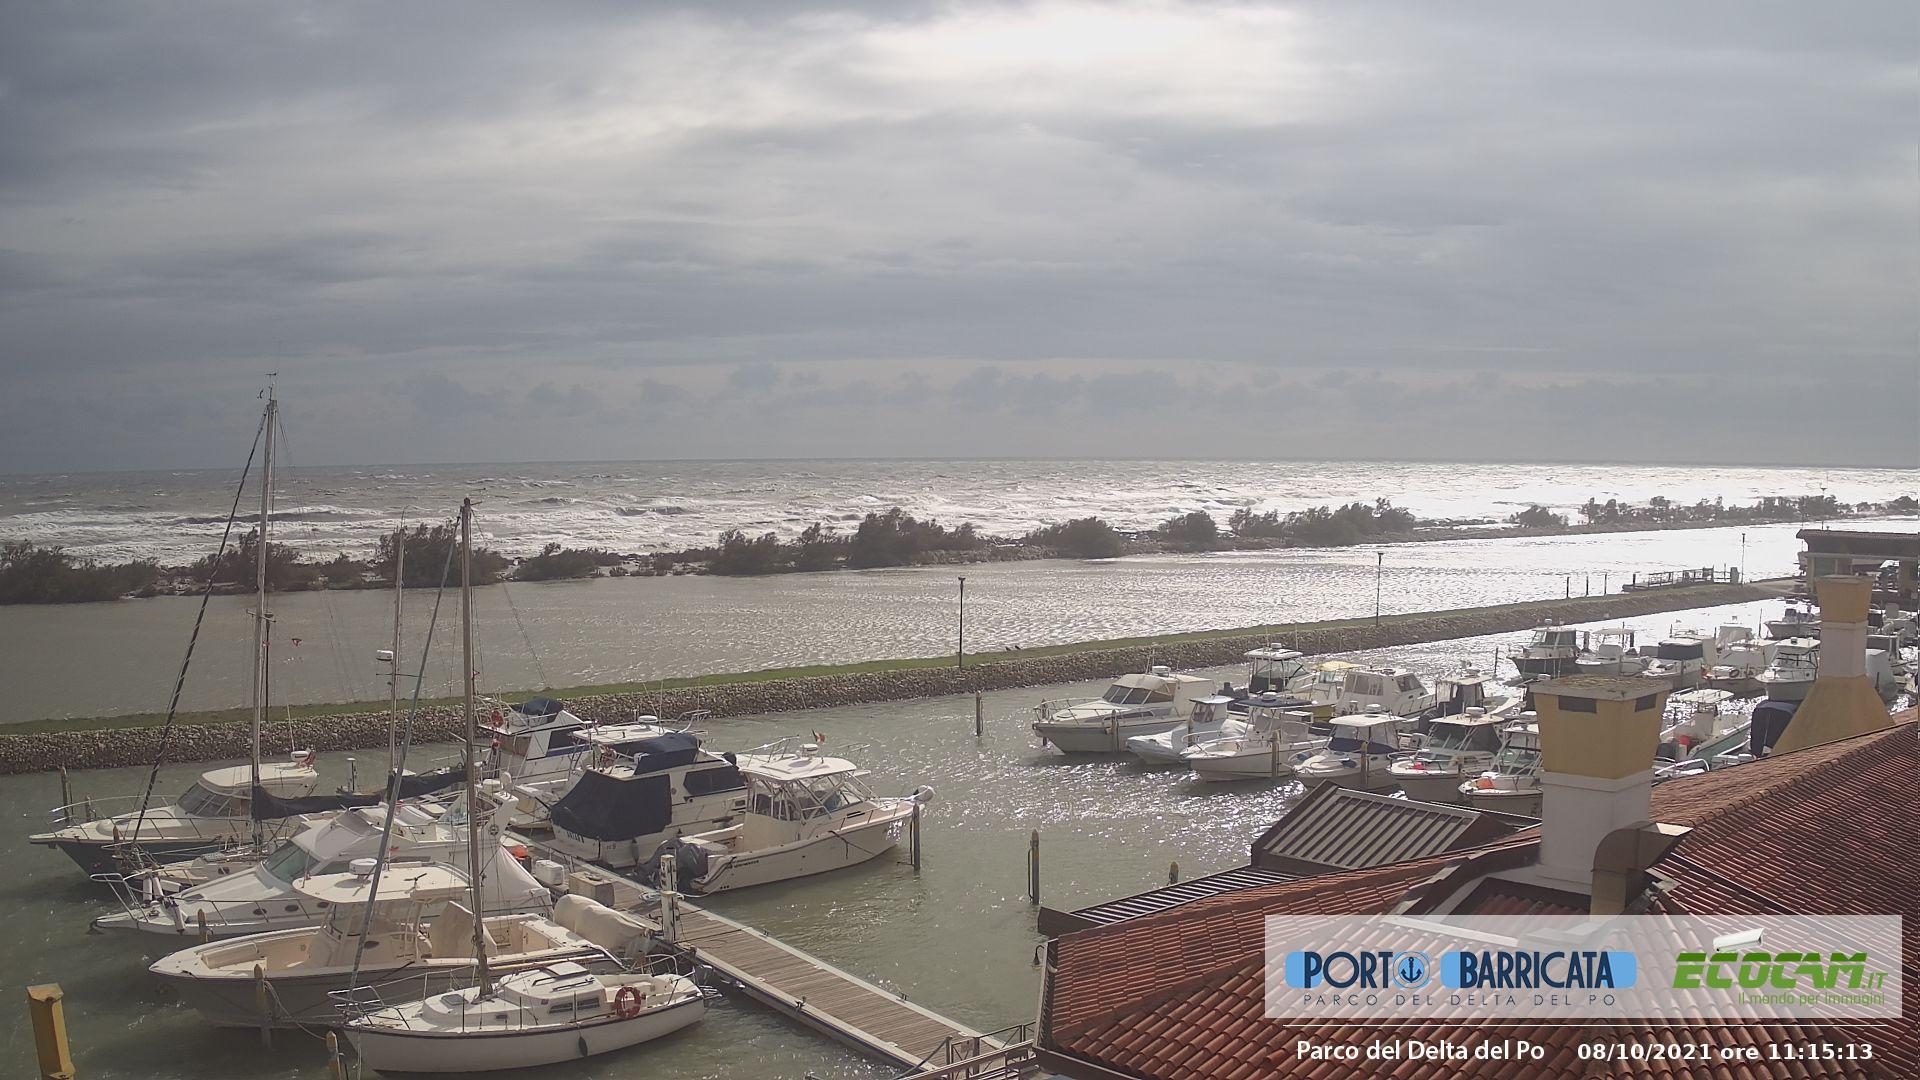 Webcam Porto Barricata